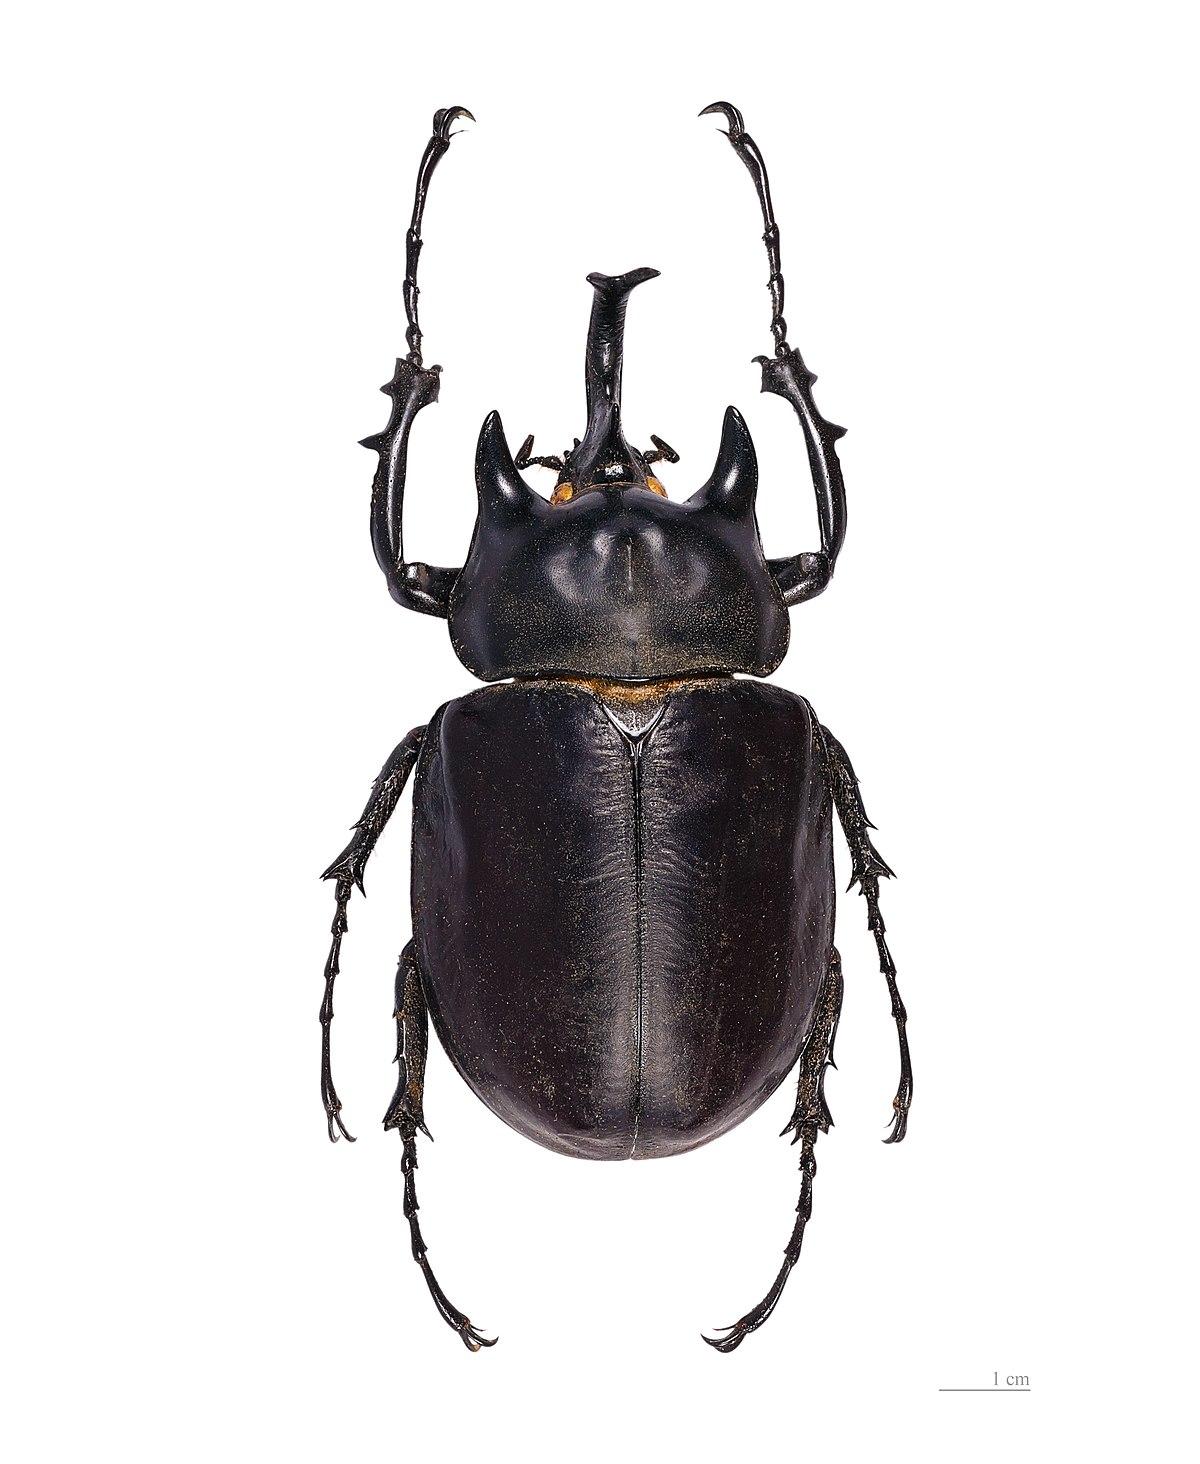 Actaeon beetle - Wikipedia